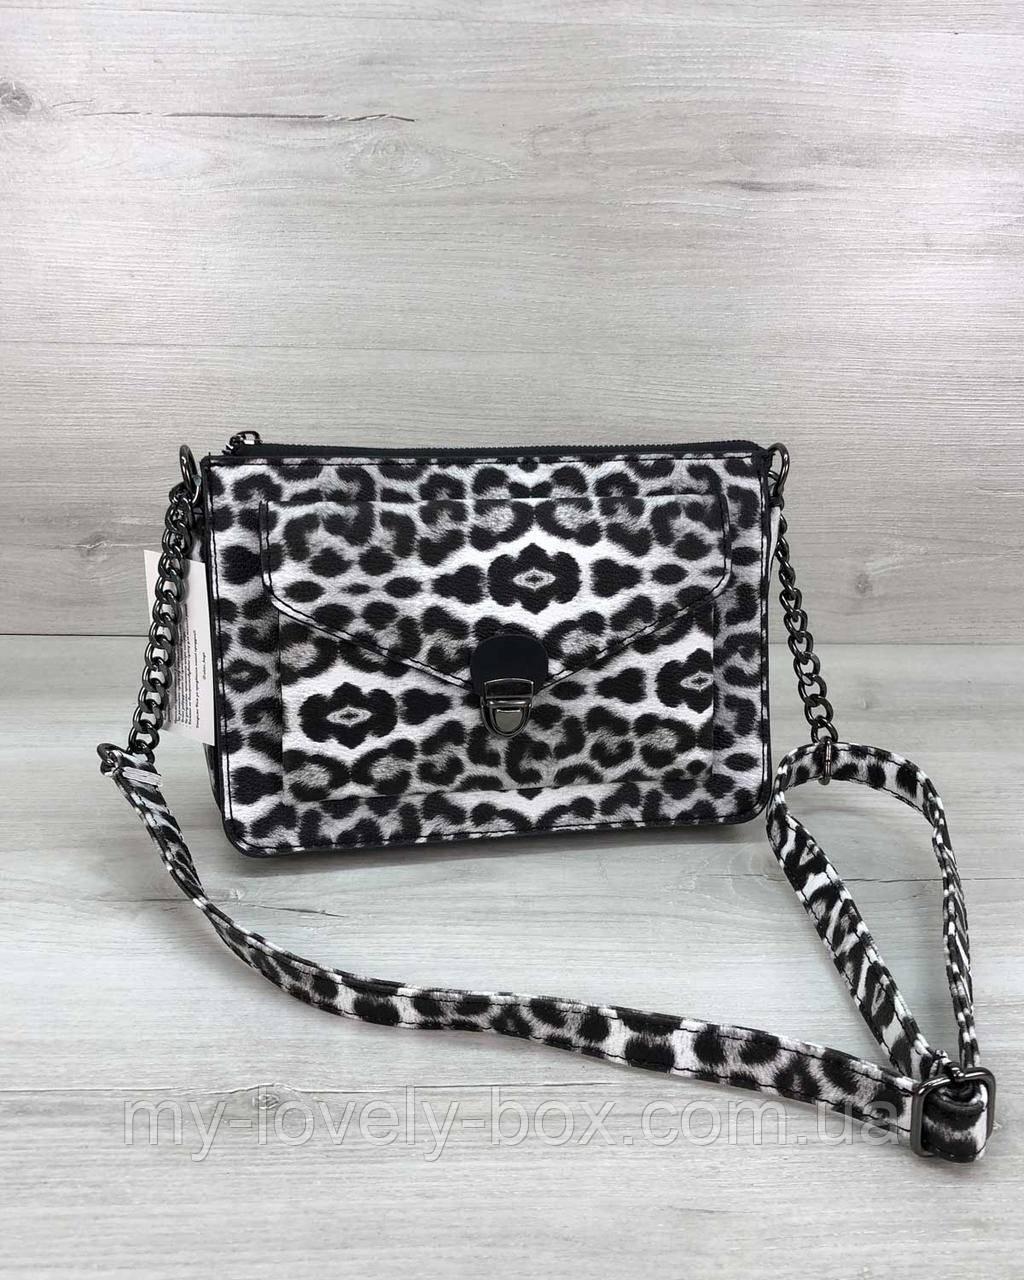 Стильна сумка Rika чорно-білий леопард